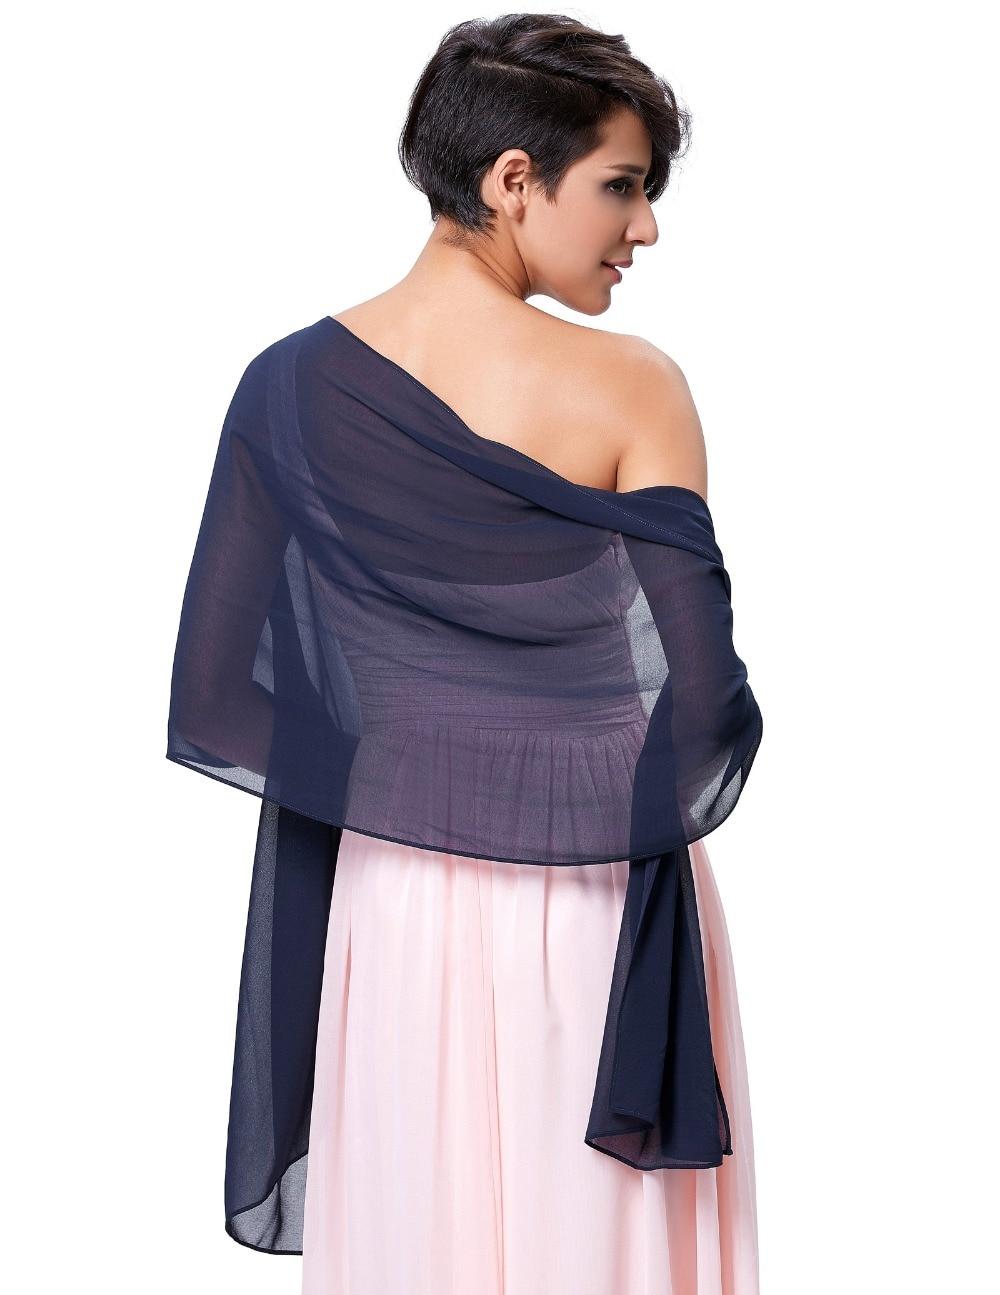 2018 Fashion Scarf Wrap Shawl Hijab Summer Popular Sheer Shawls Scarves For Women Cachecol Femme Chiffon Scarf Shawl Blue Purple